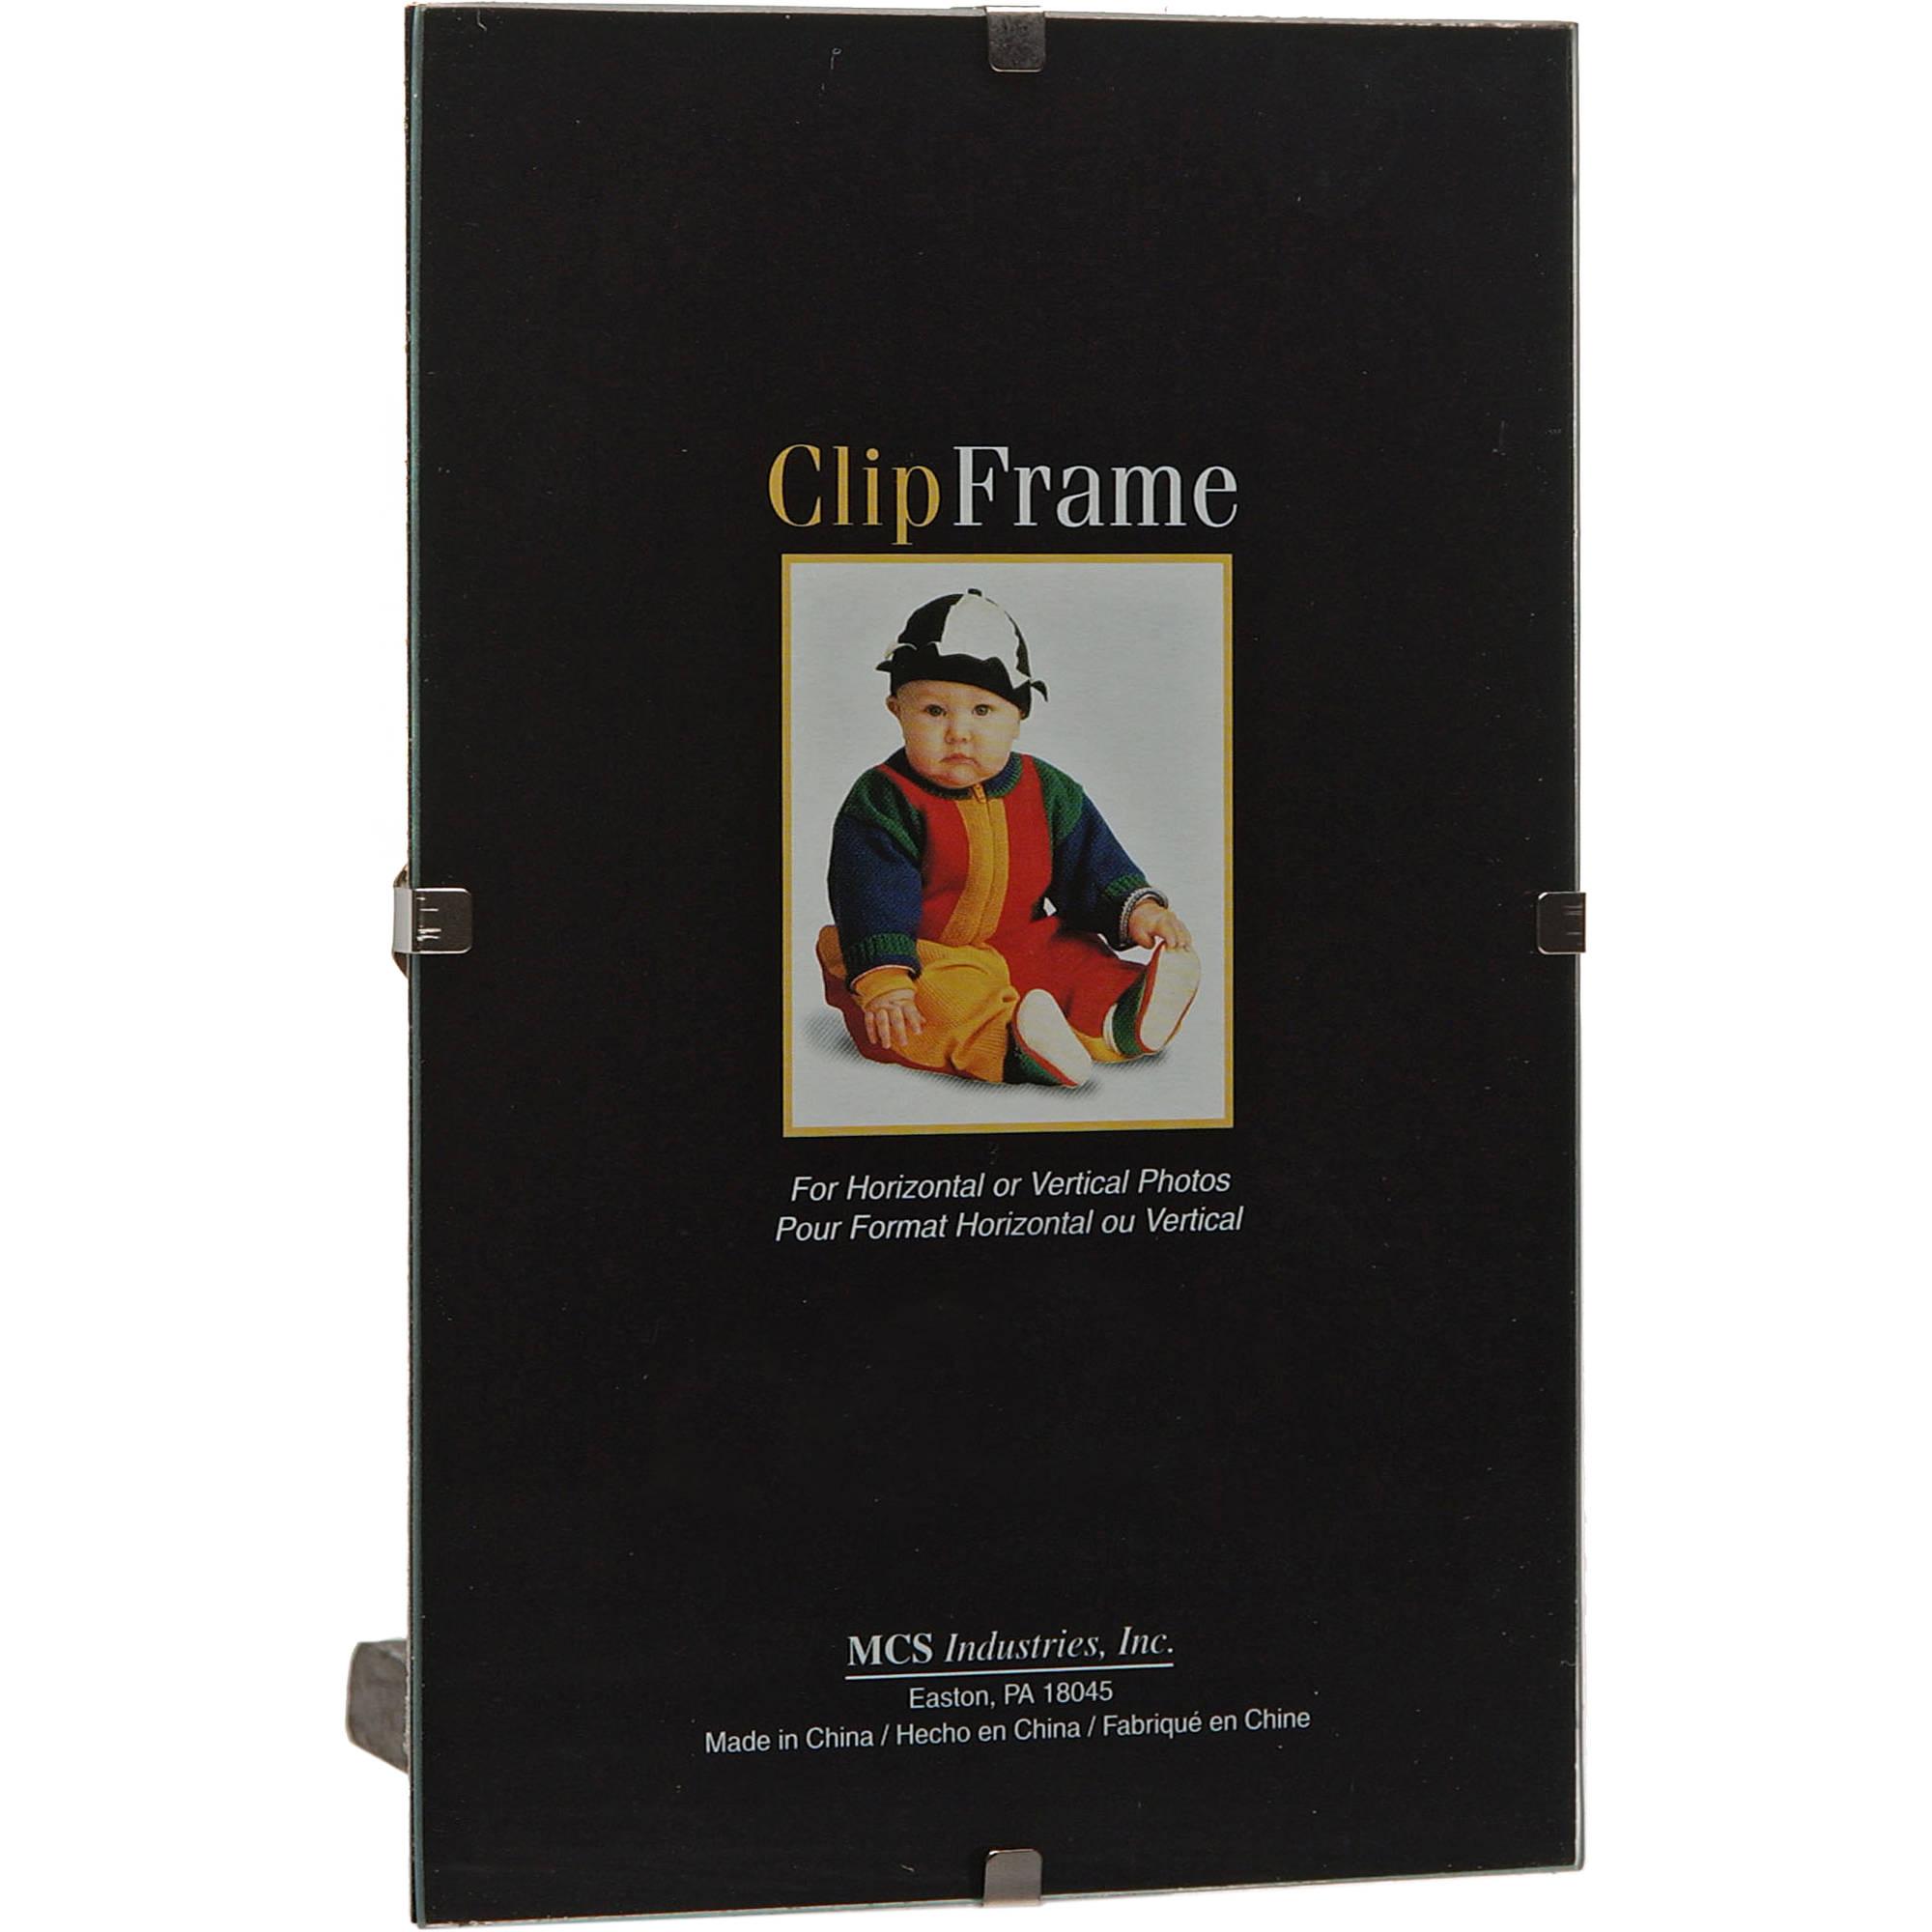 Mcs Clip Frame 9 X 12 55912 Bh Photo Video